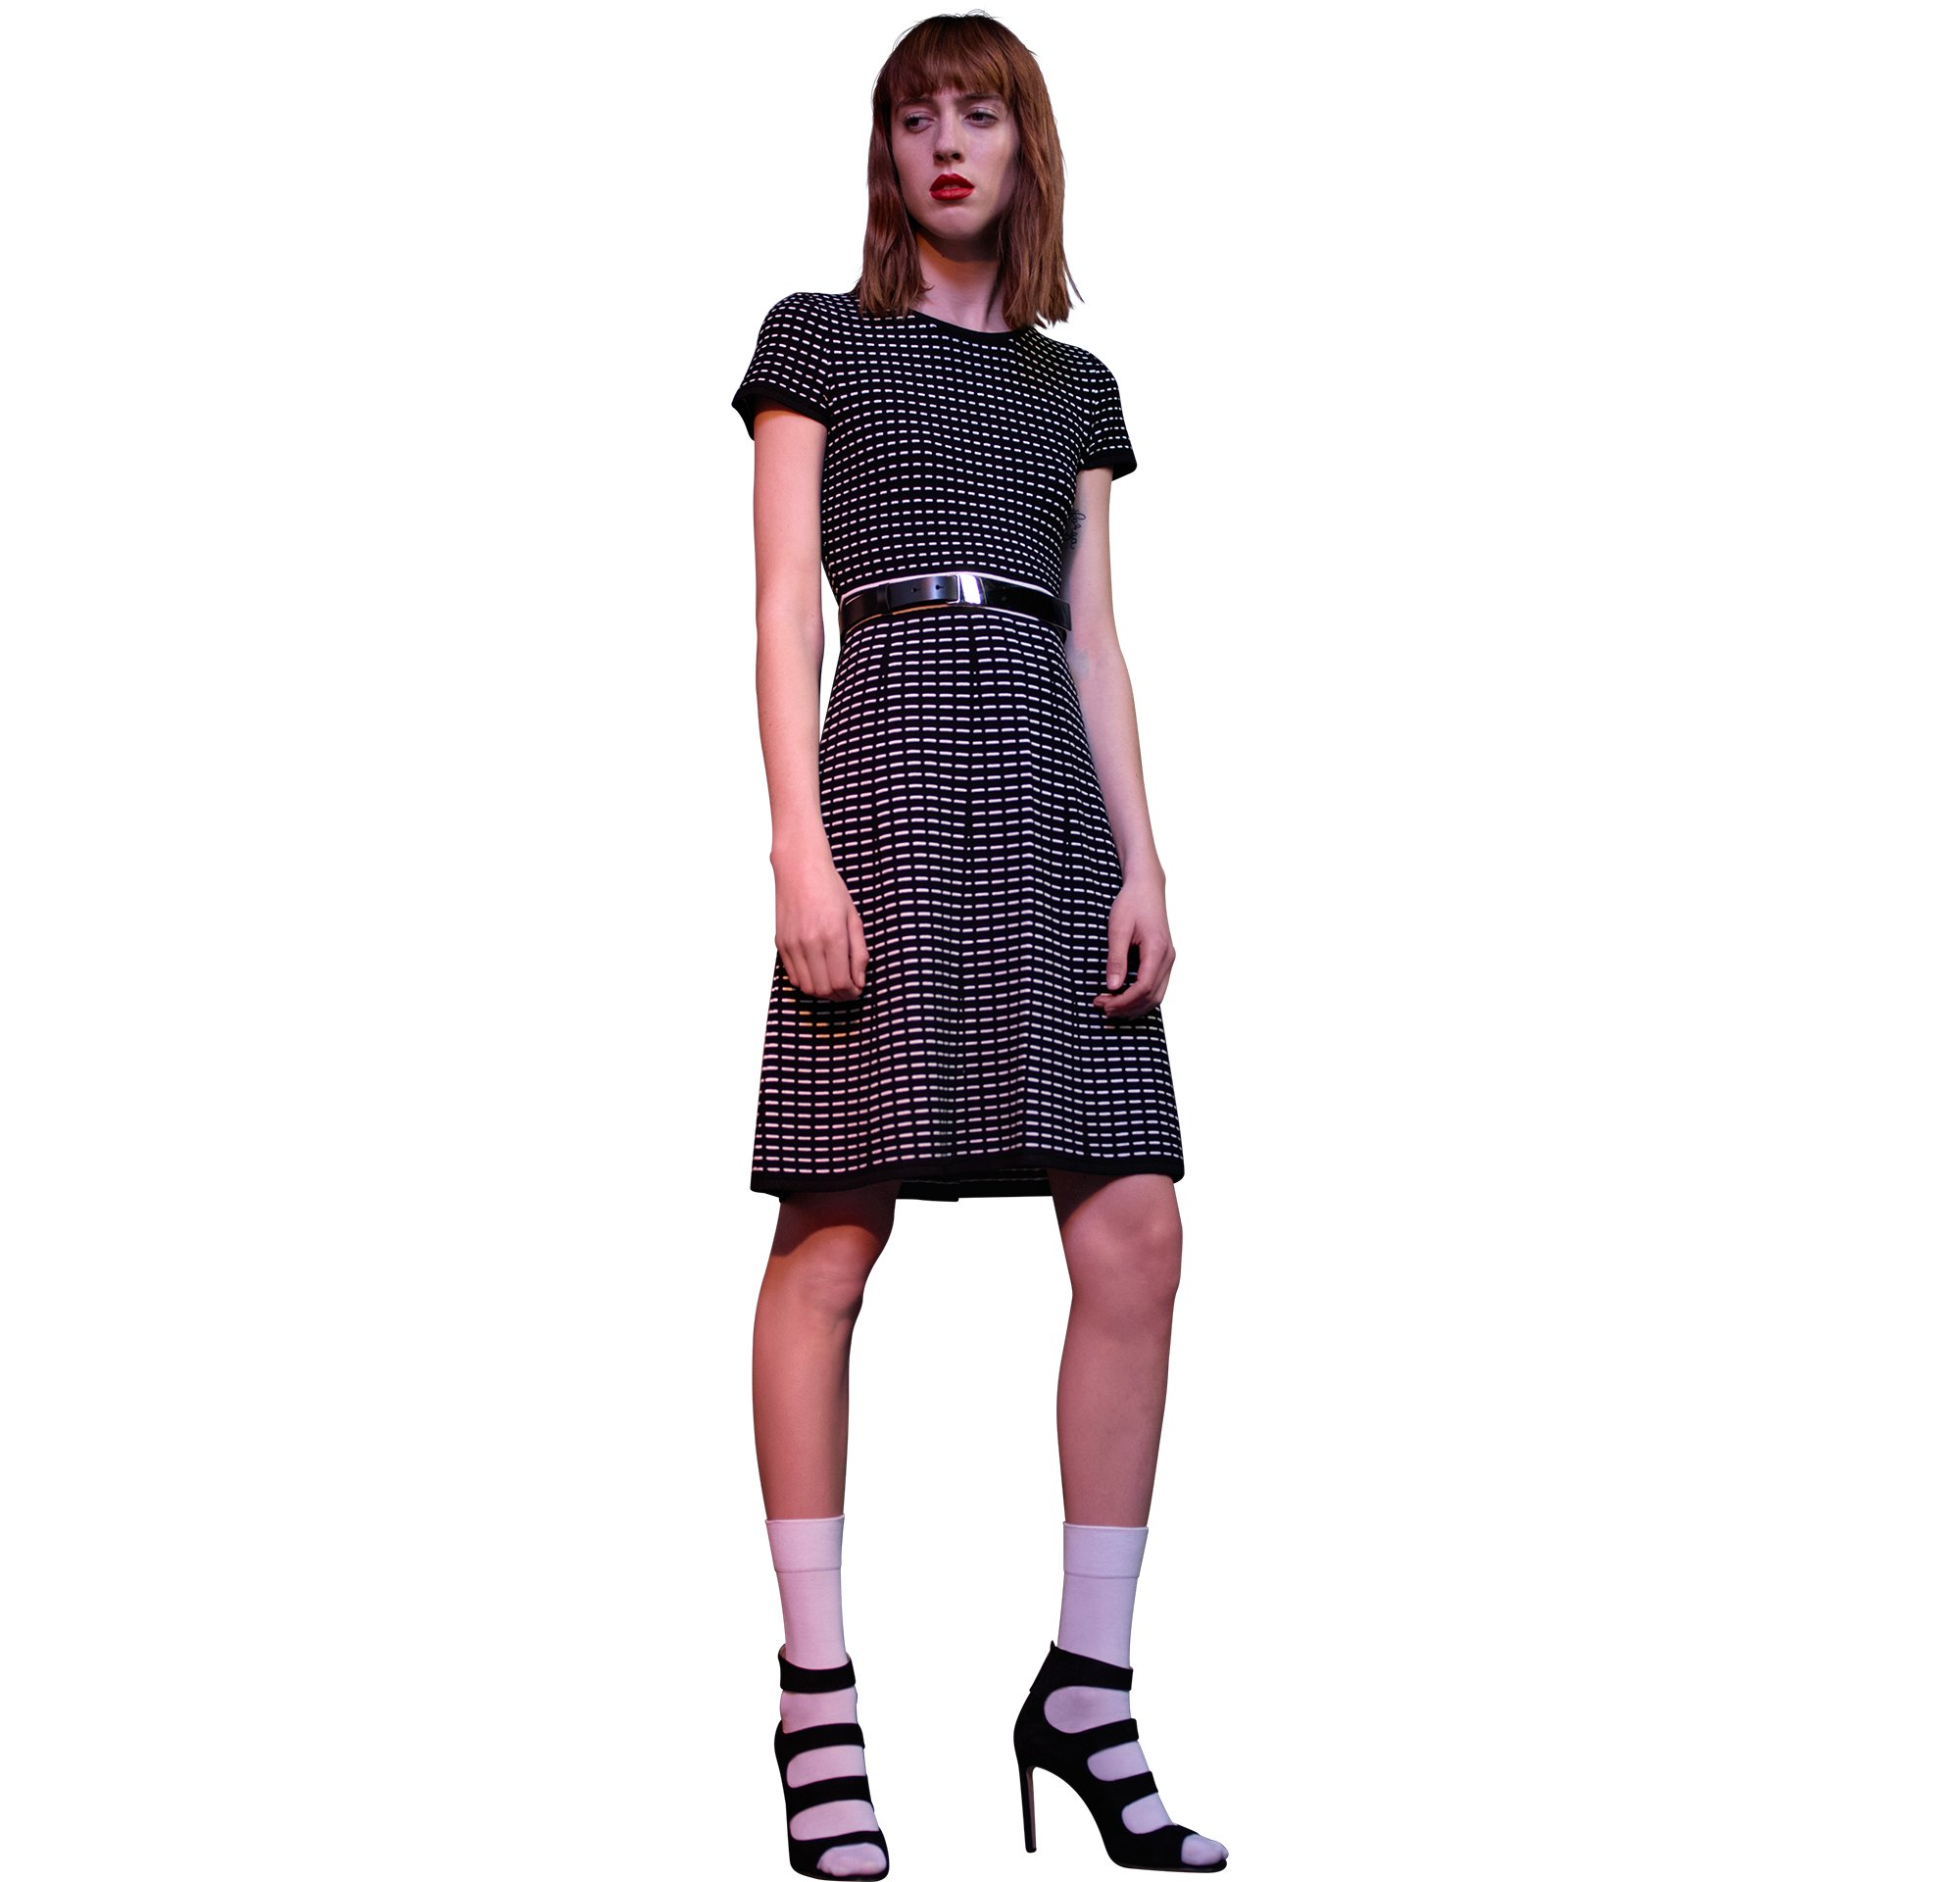 Strick und schwarze Schuhe von HUGO